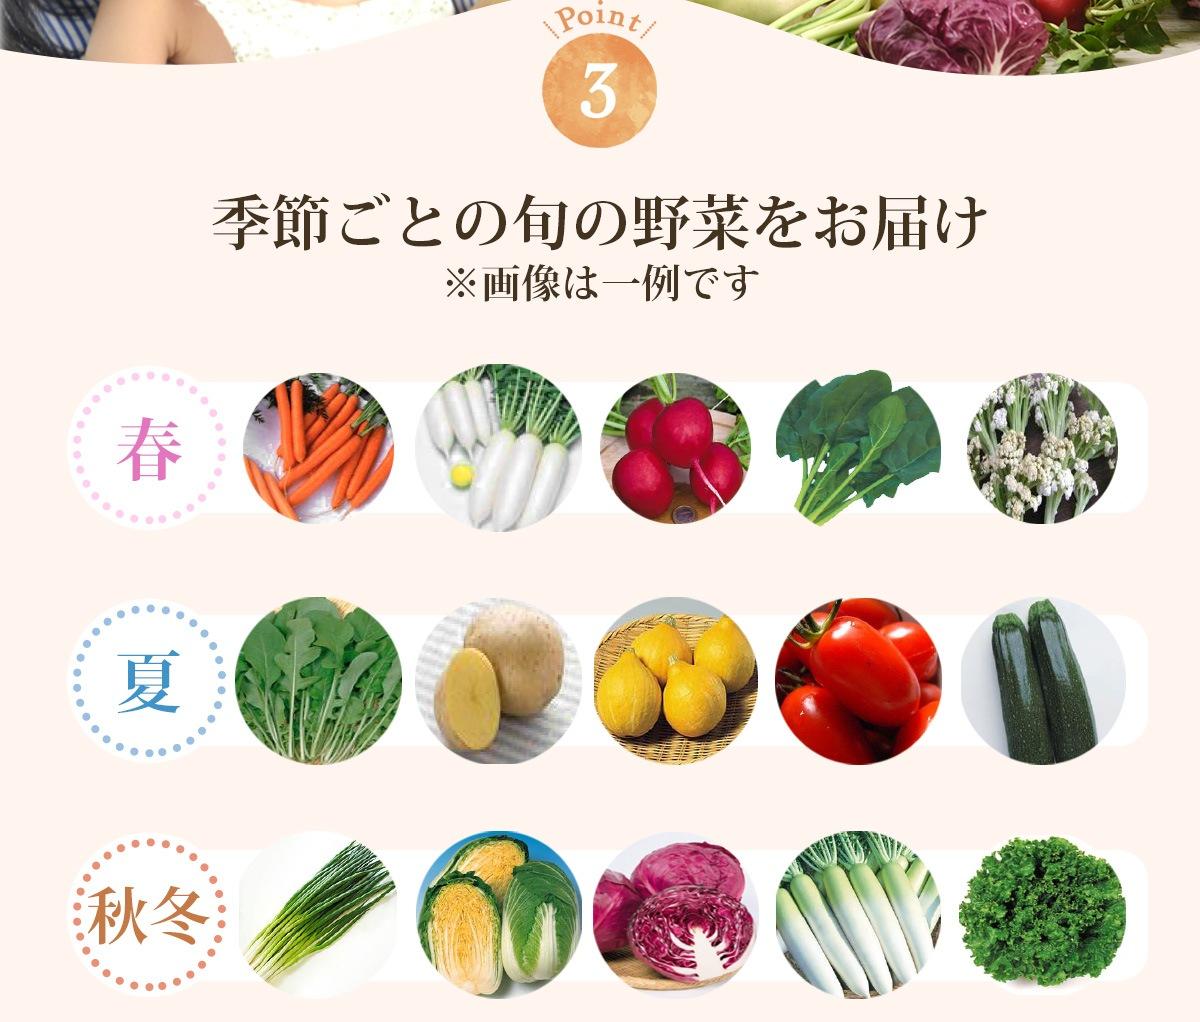 季節ごとの旬の野菜をお届けします